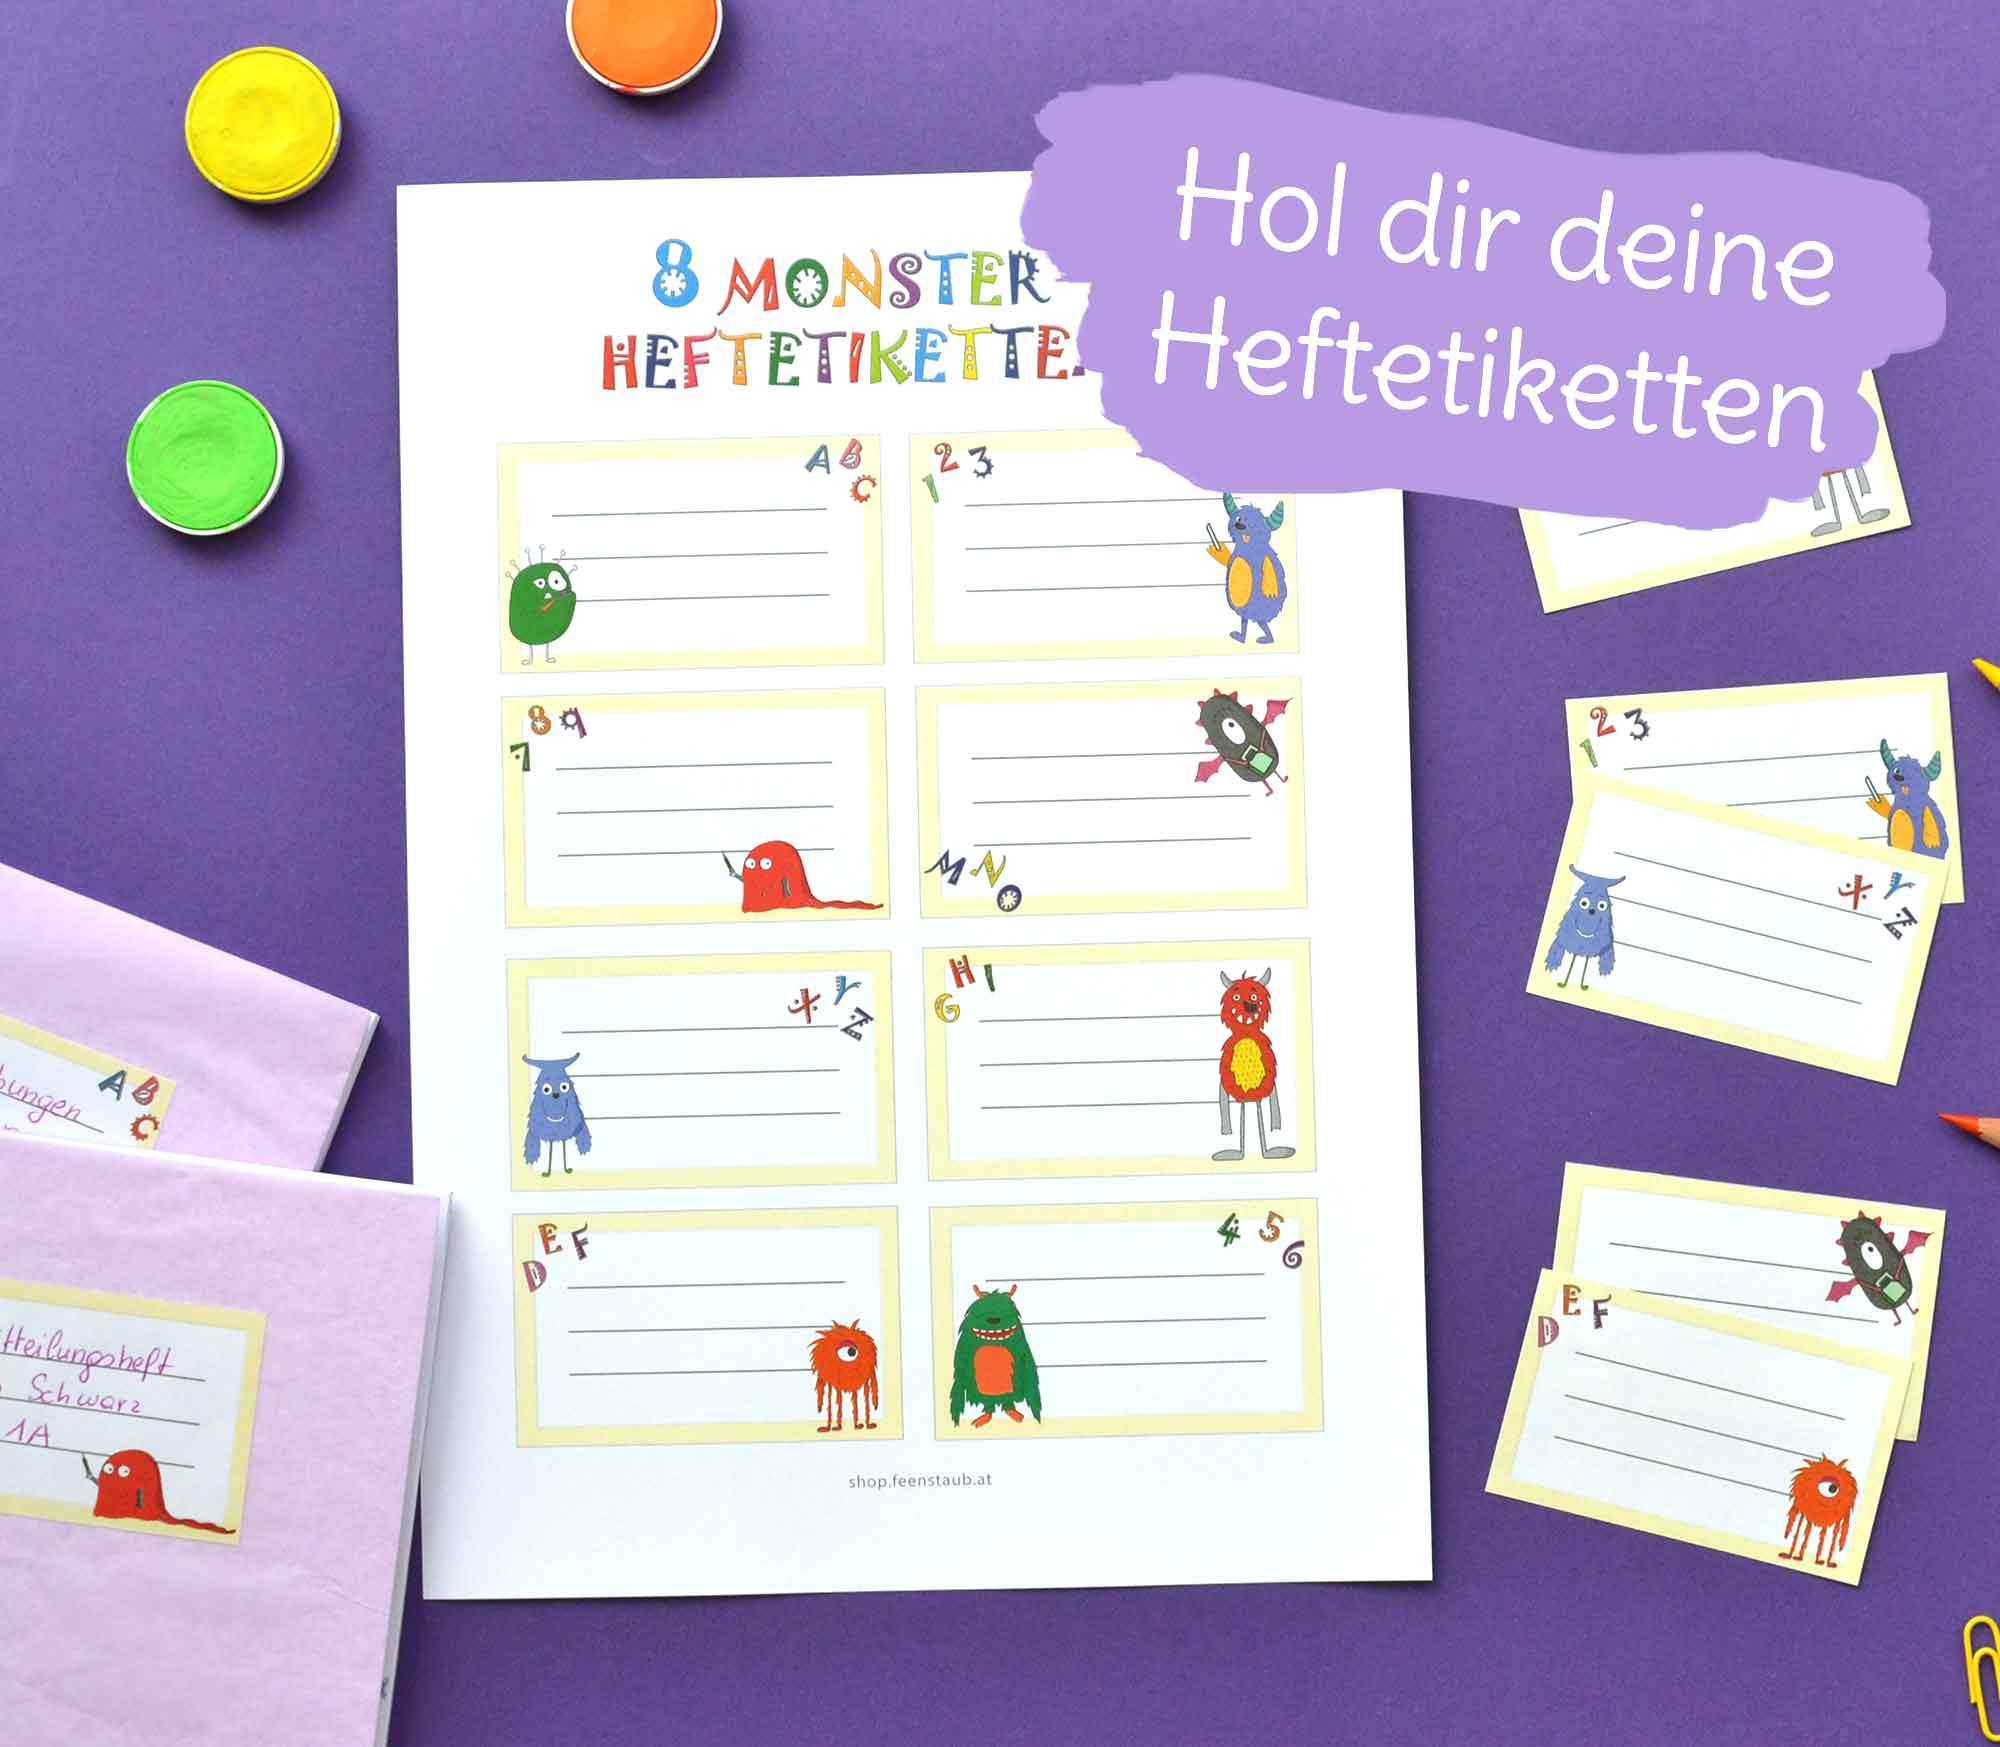 Freebie zum Schulstart mit gratis Heftetiketten zum Ausdrucken